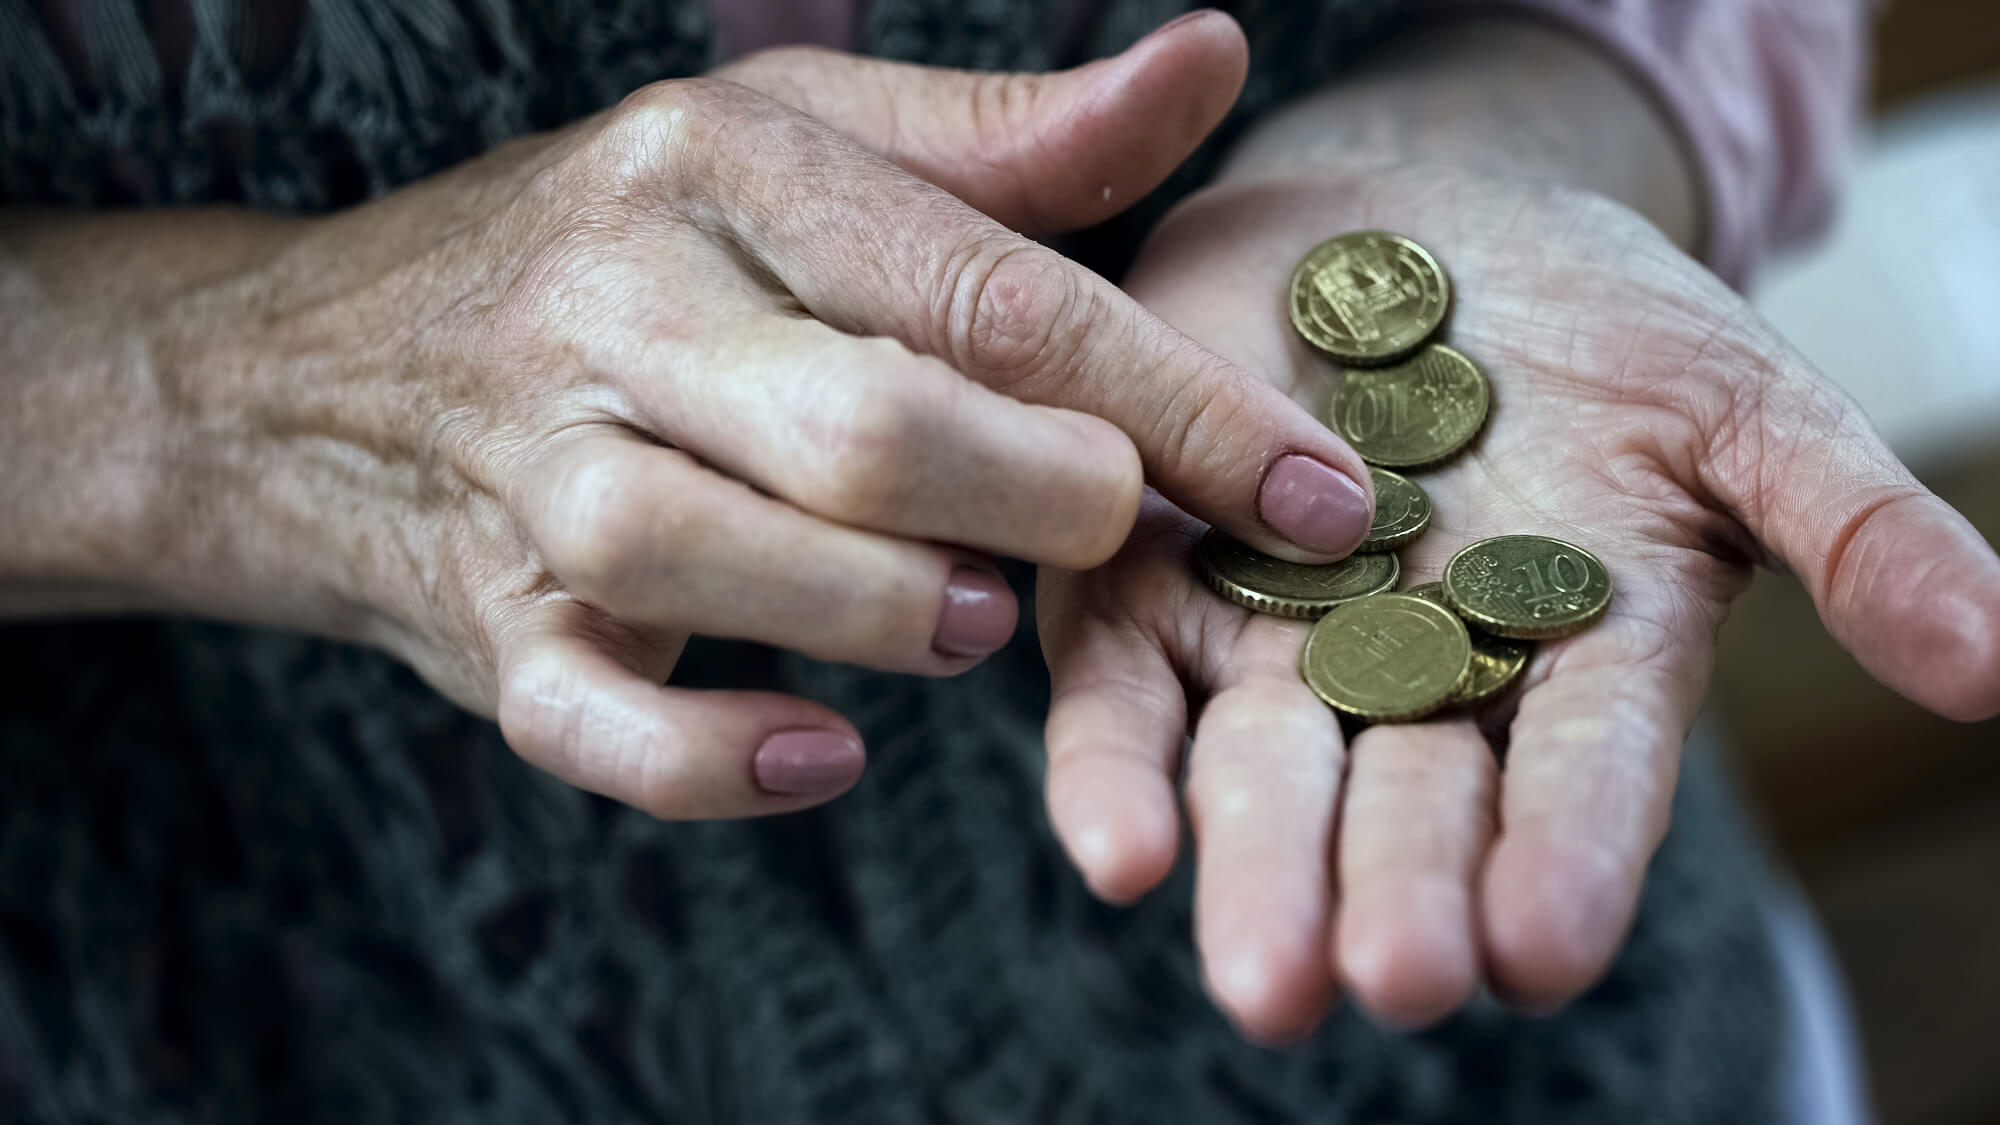 Второго нет: что сейчас происходит с реформой пенсионной системы?